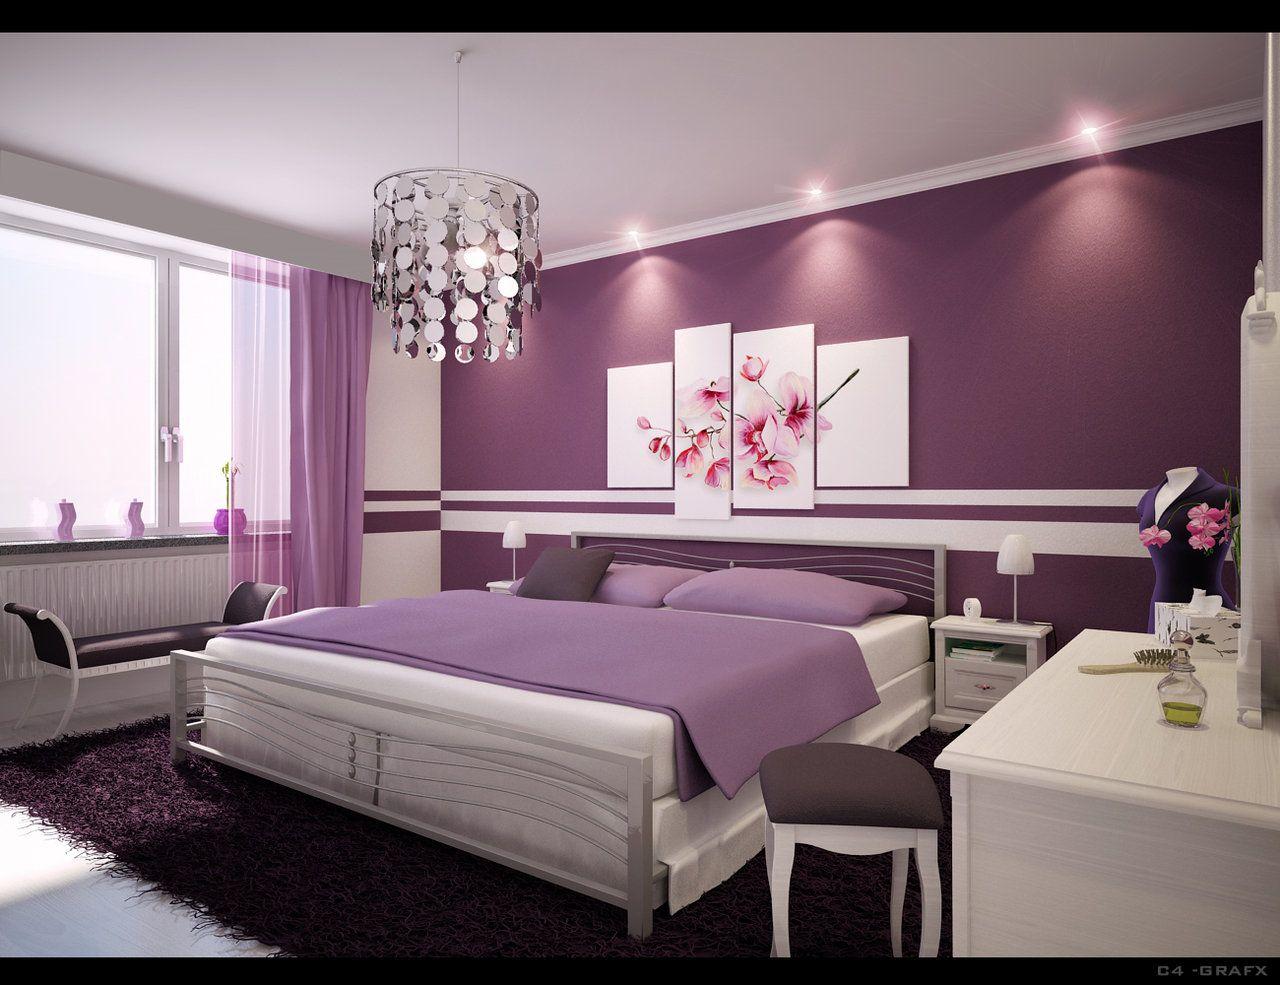 Impressionnant Chambre A Coucher Violet Et Gris #7: Differnt Ways To Paint A Master Bedrooms | Quelle Couleur Pour Votre Chambre  à Coucher ?